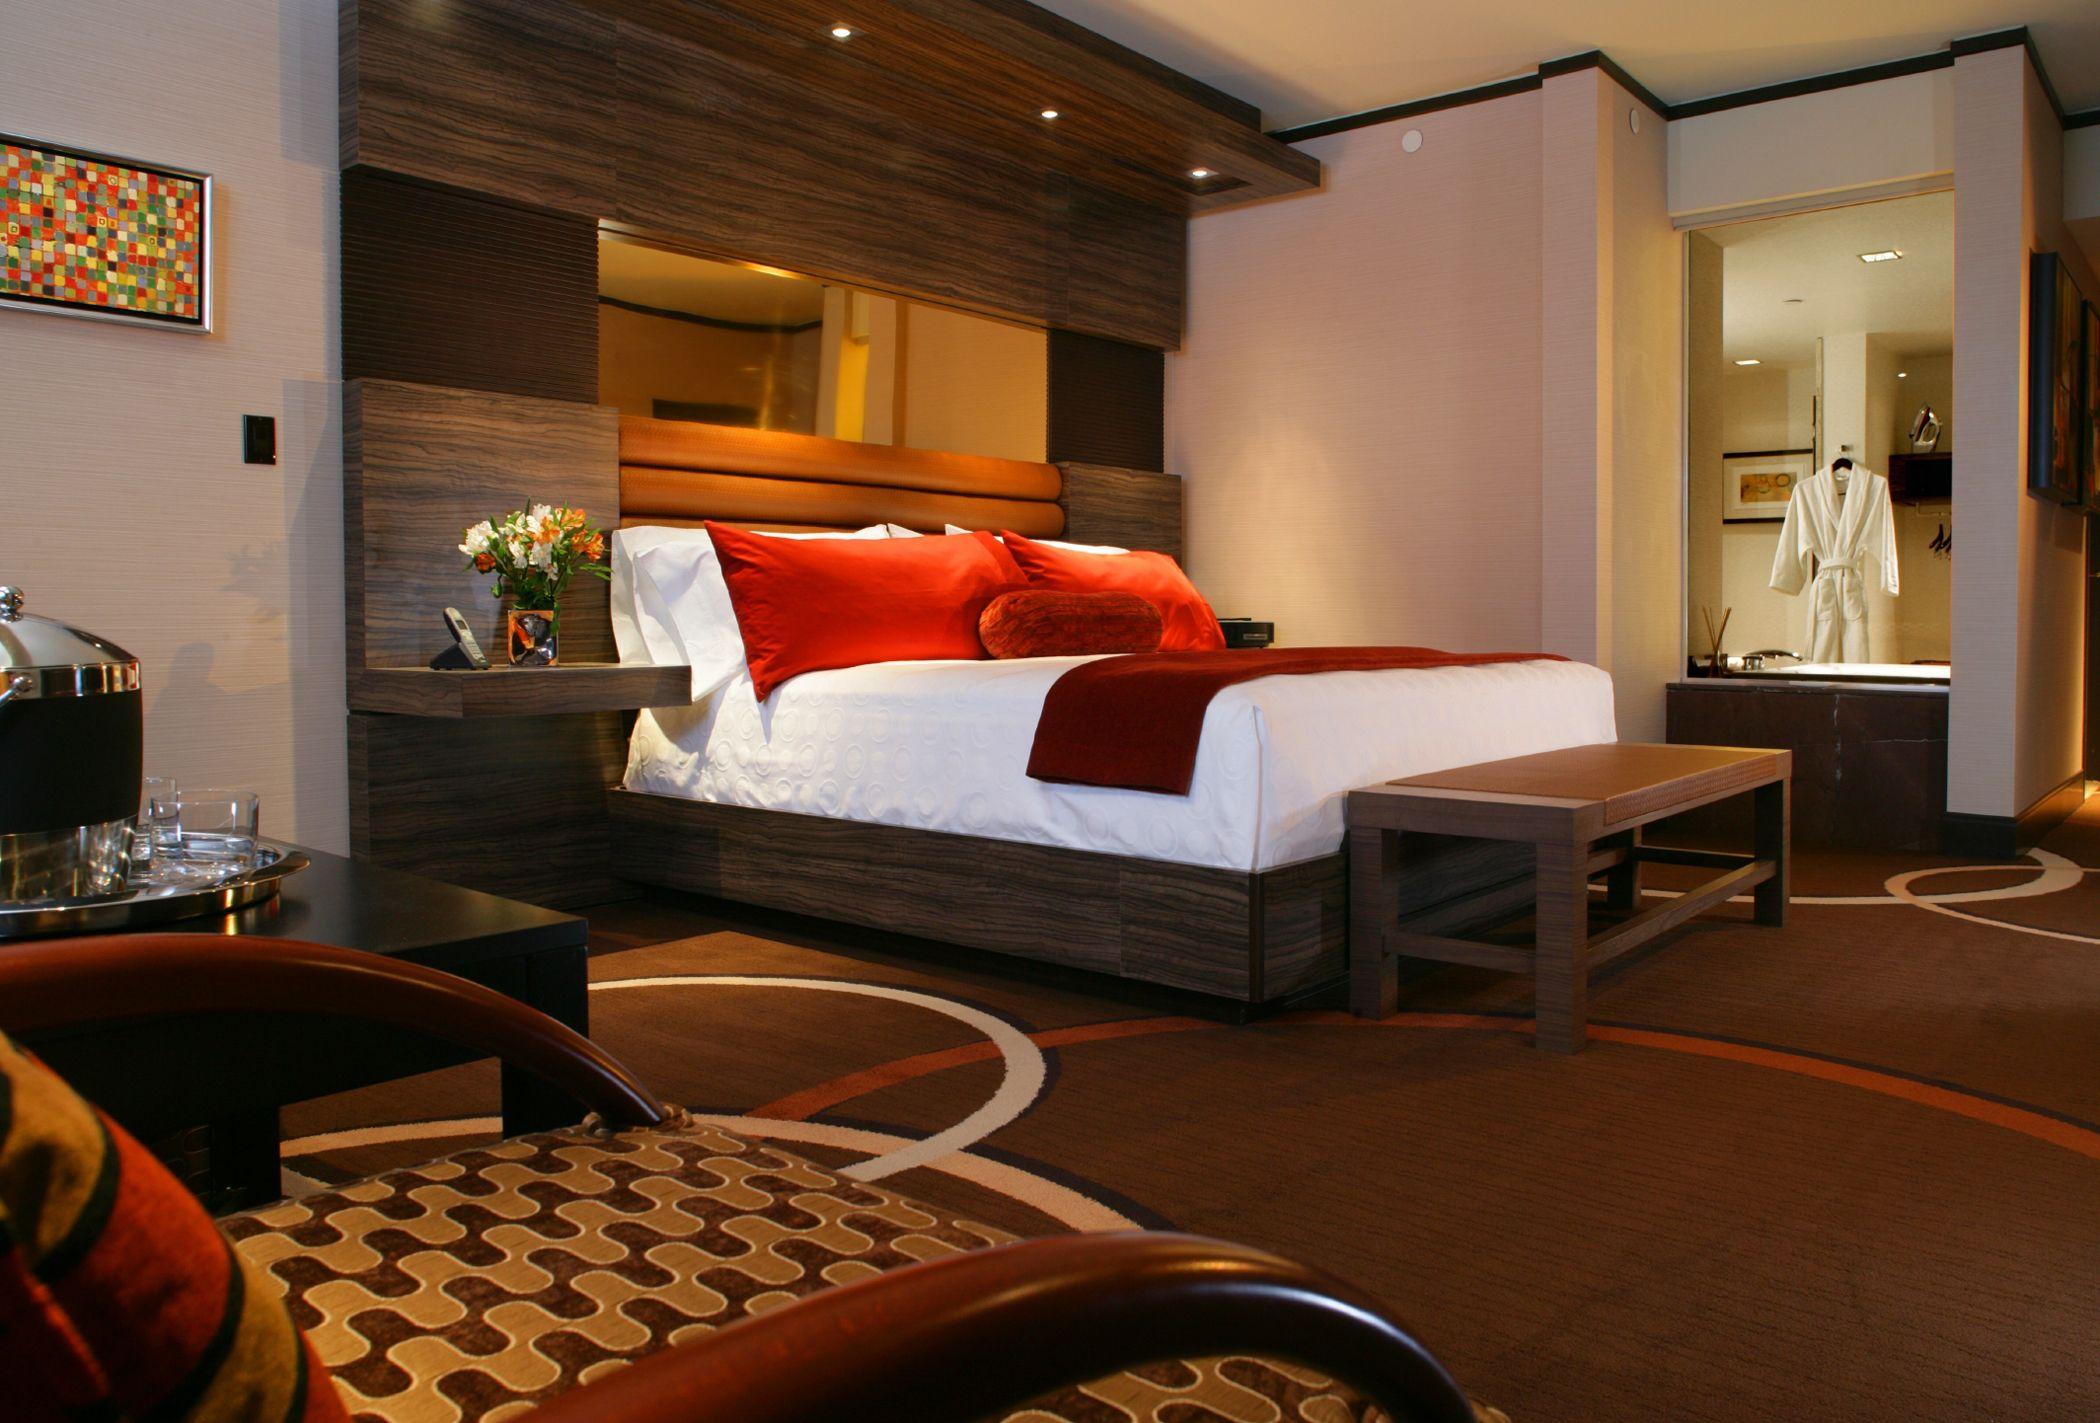 hotel bedrooms bedroom suites master bedrooms in the bedroom hotel